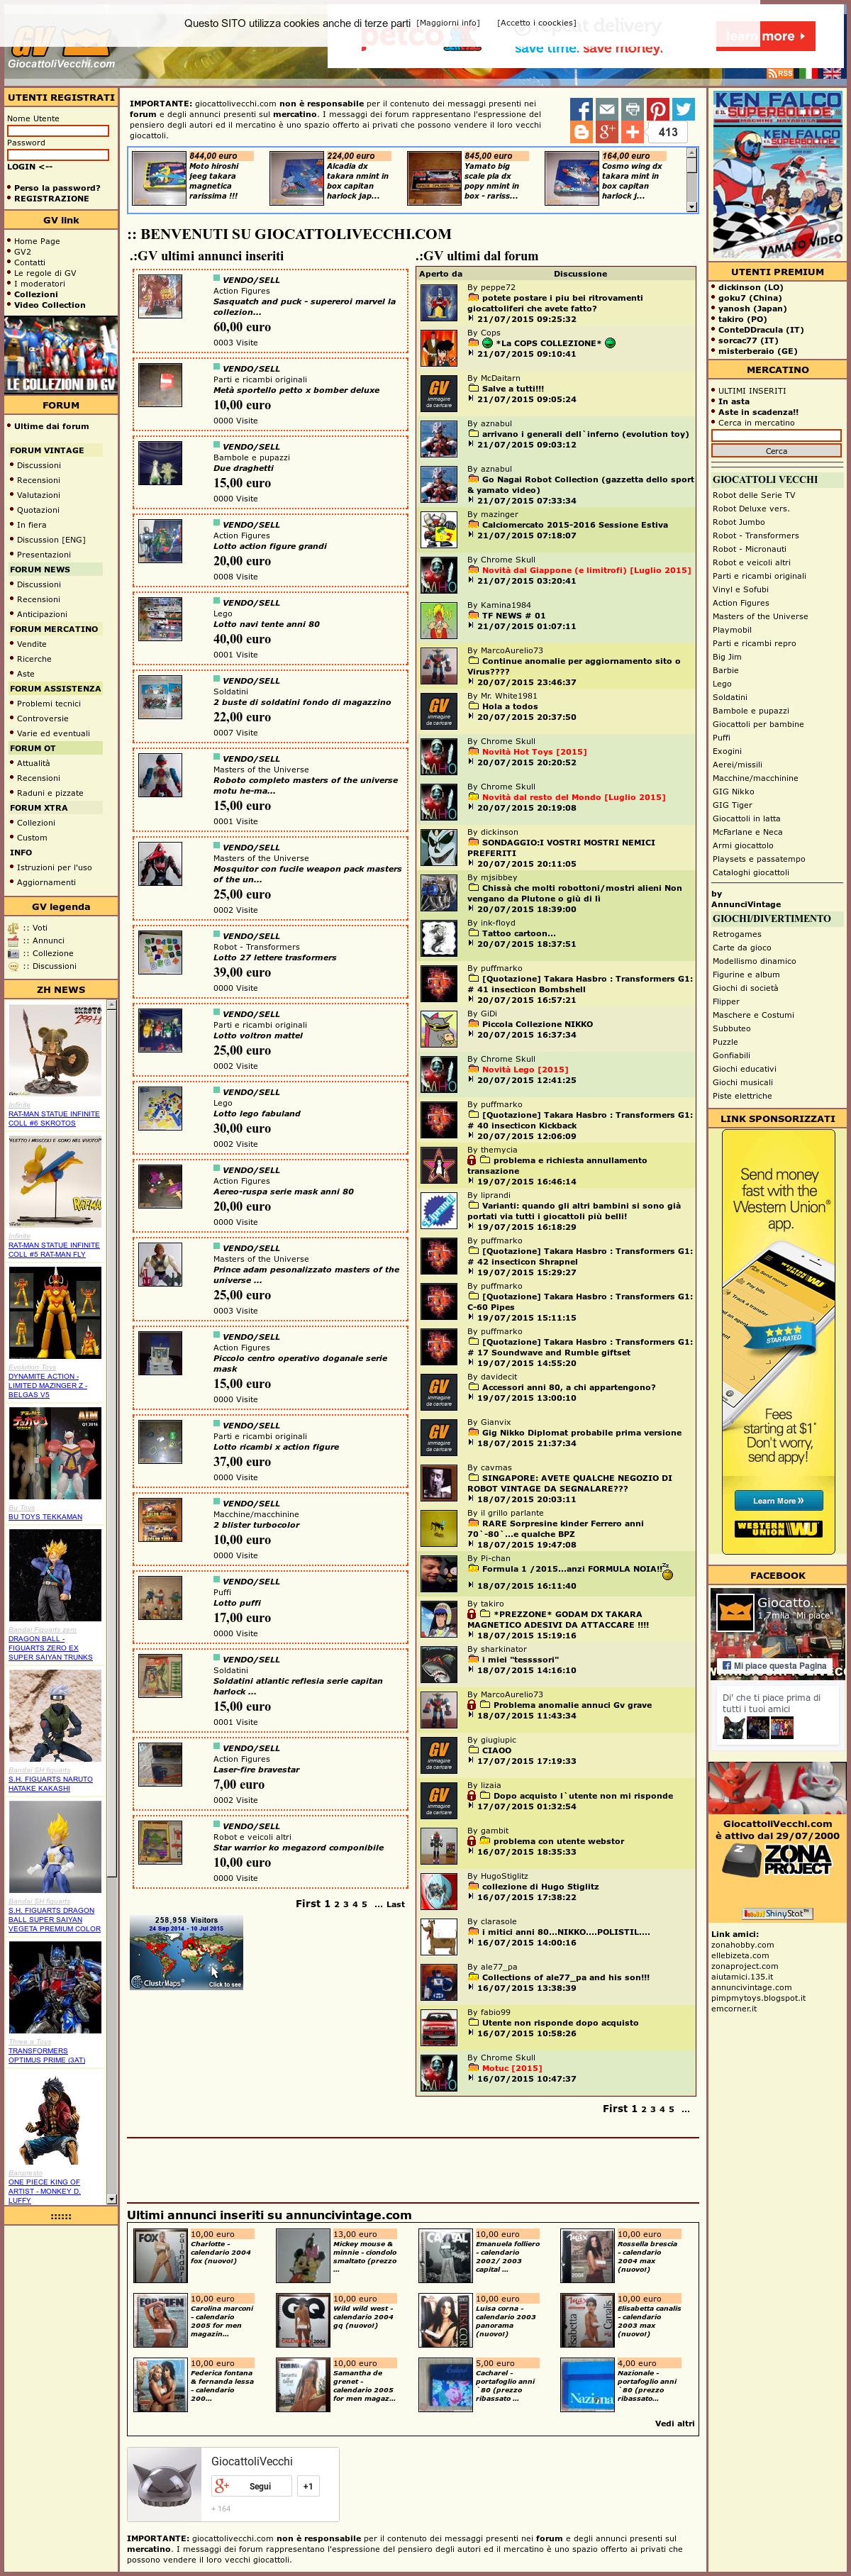 Calendario Max 2005.Giocattolivecchi Competitors Revenue And Employees Owler